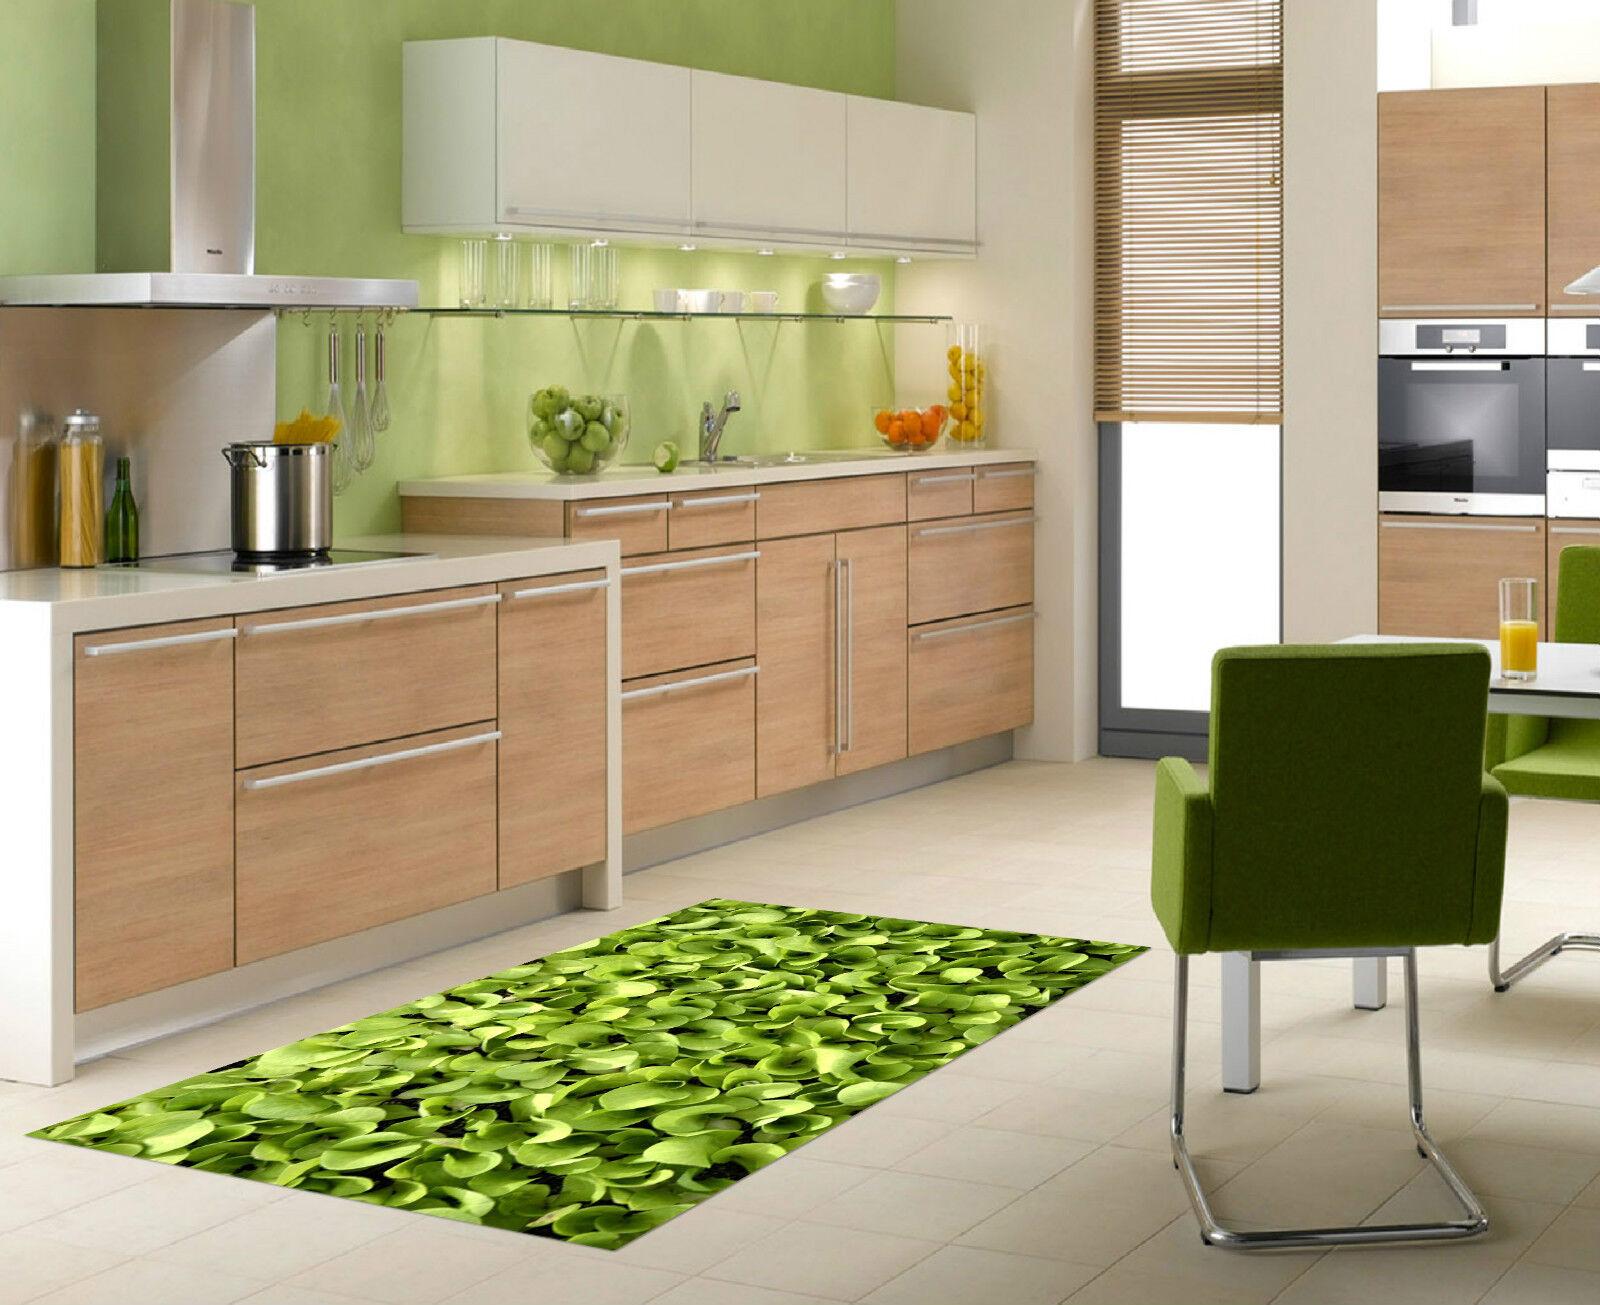 3D Légumes verdes Luxuriants Décor Mural Murale De Mur De Cuisine AJ WALLPAPER FR